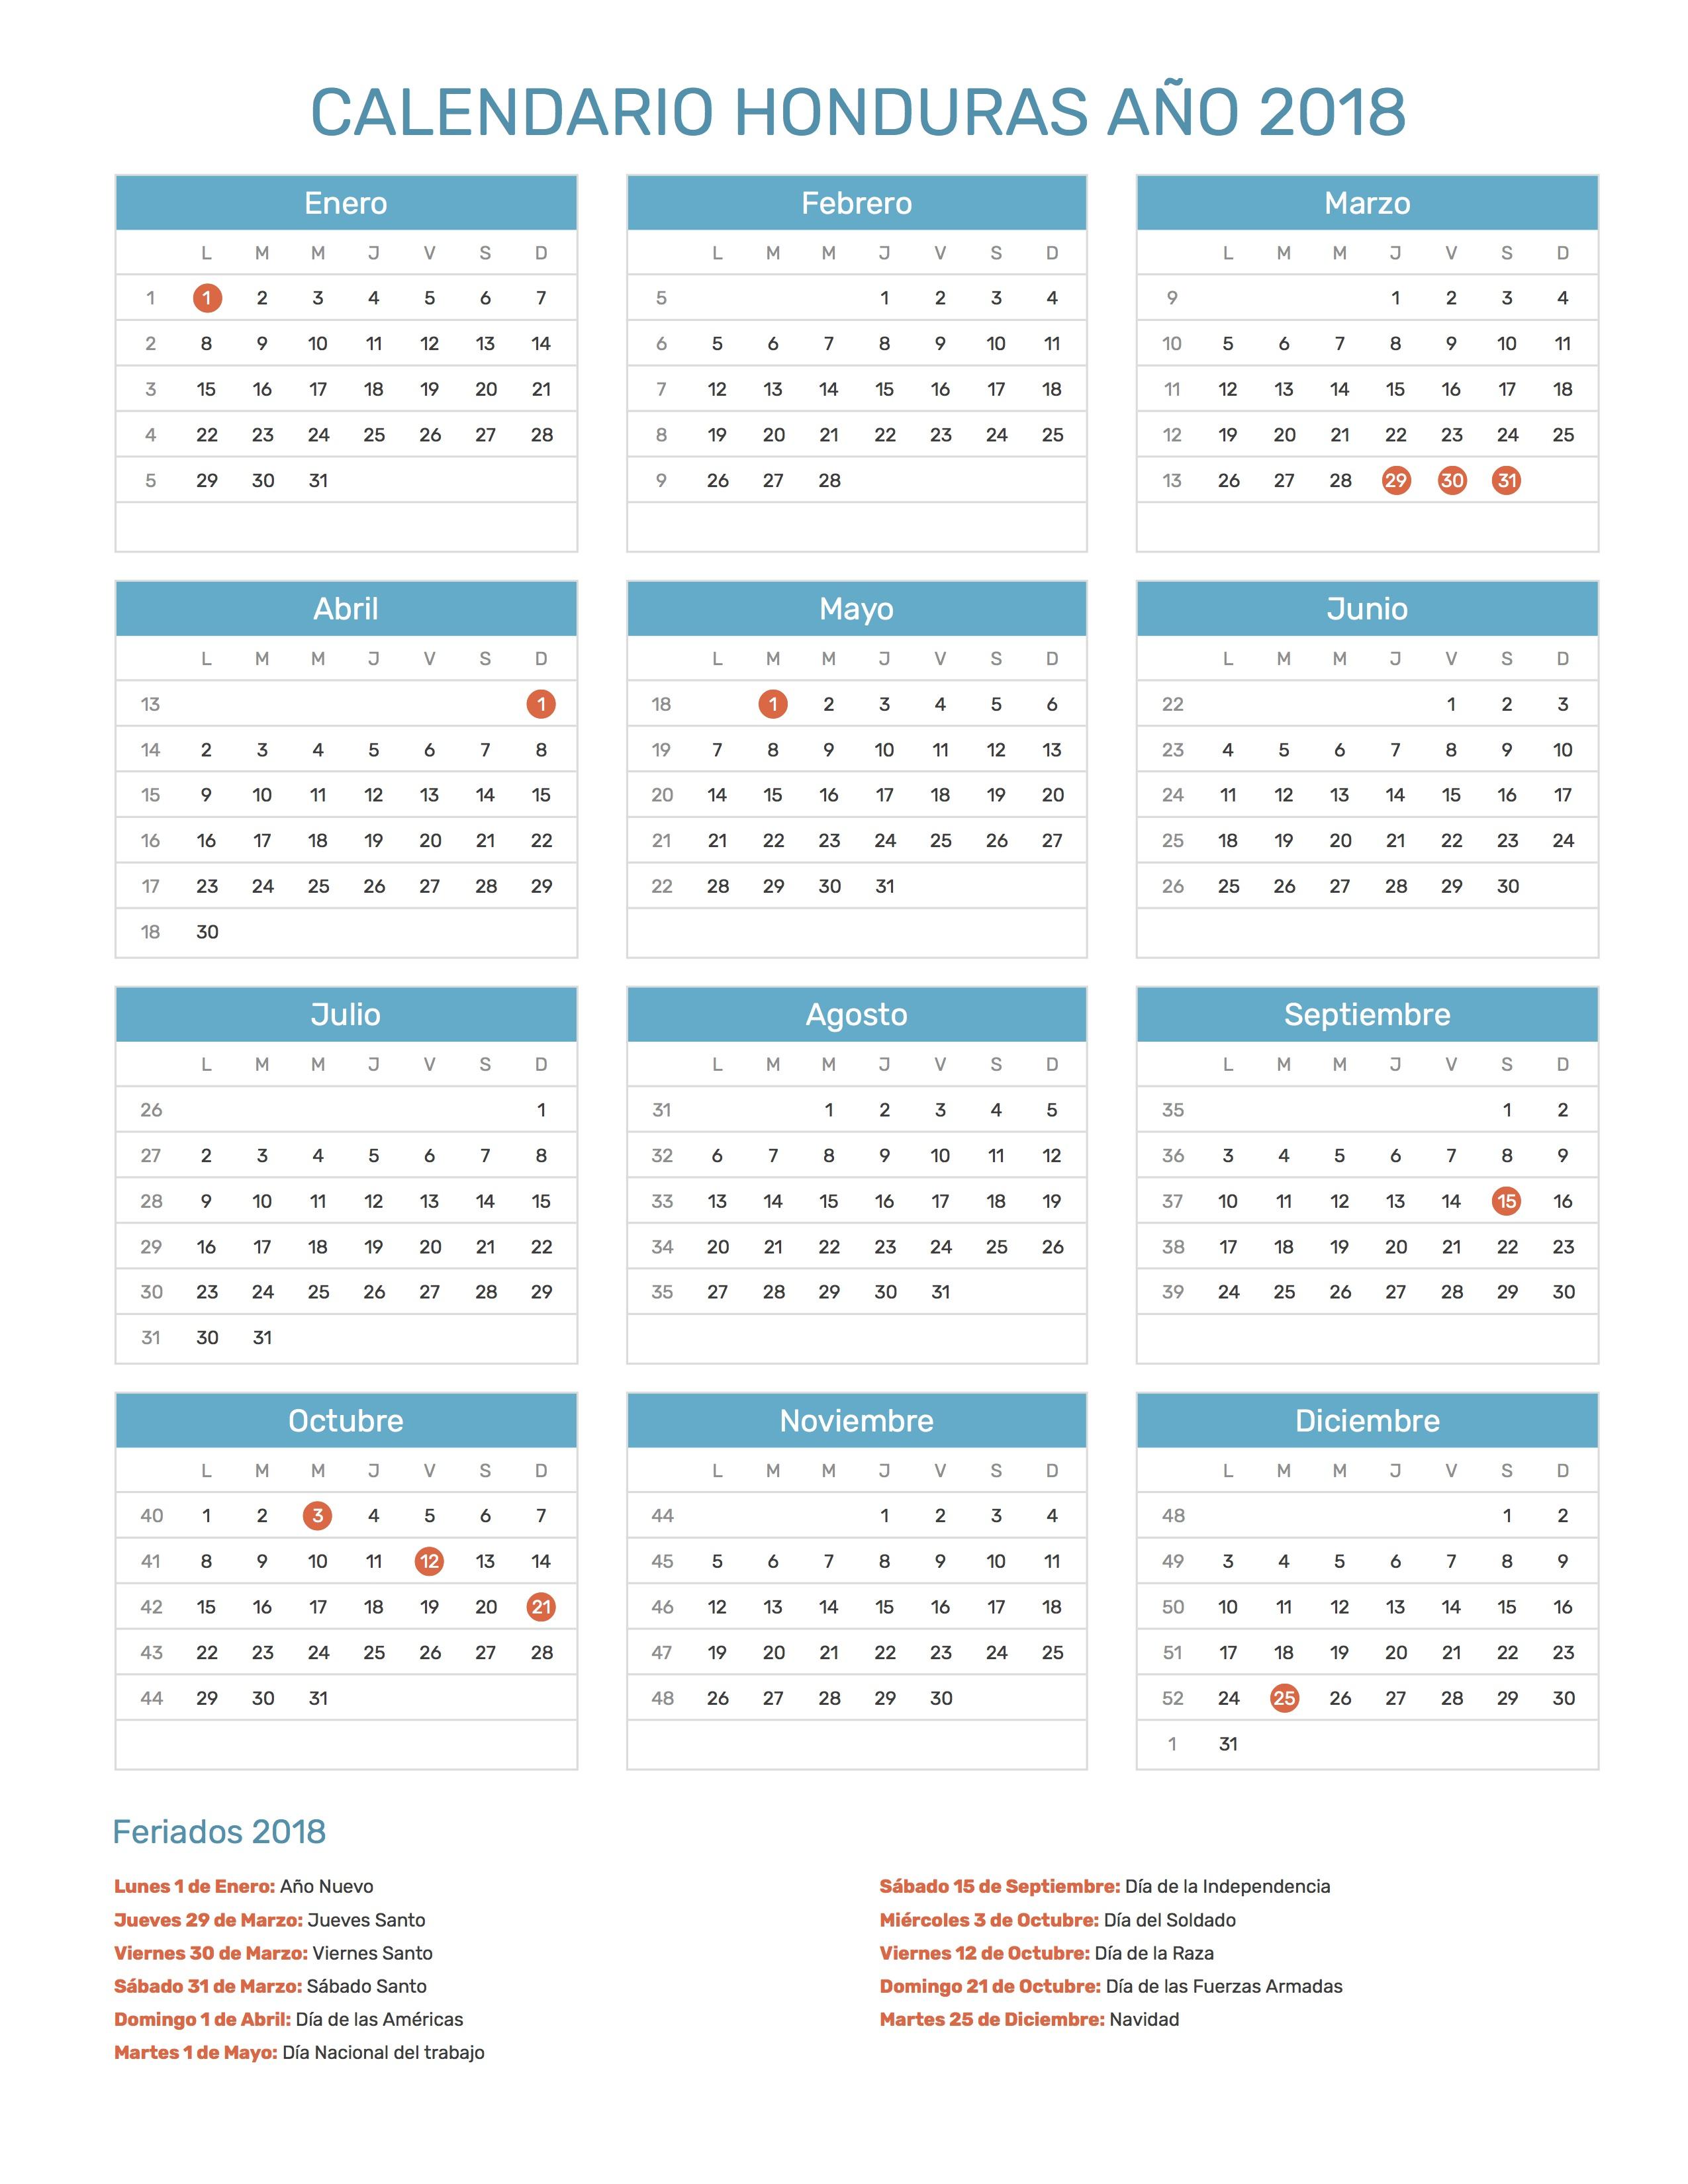 Calendario Honduras Año 2018 | Feriados